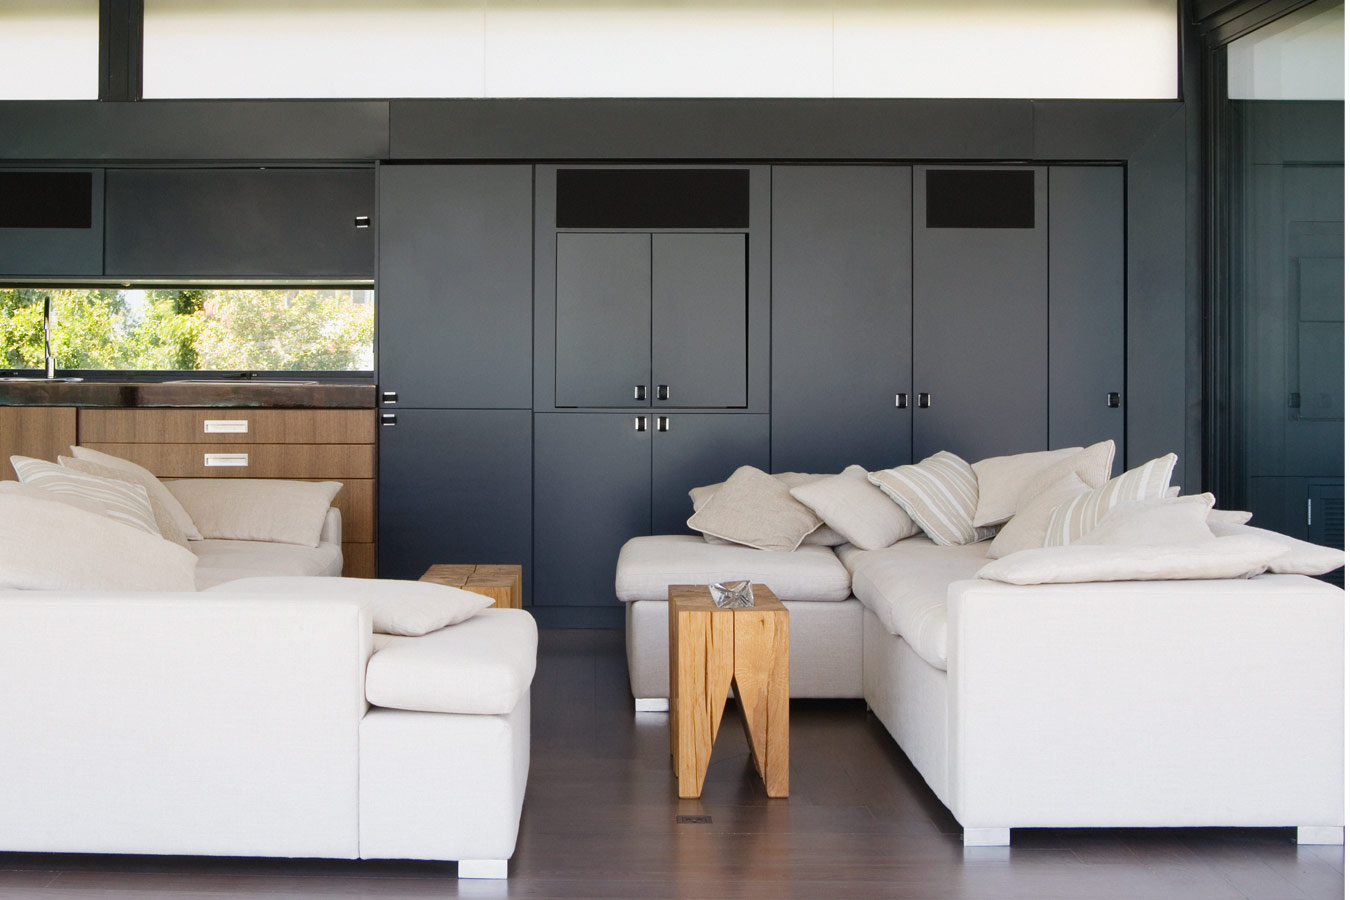 Idee n voor een moderne woonkamer inspiratie for Moderne villa decoratie